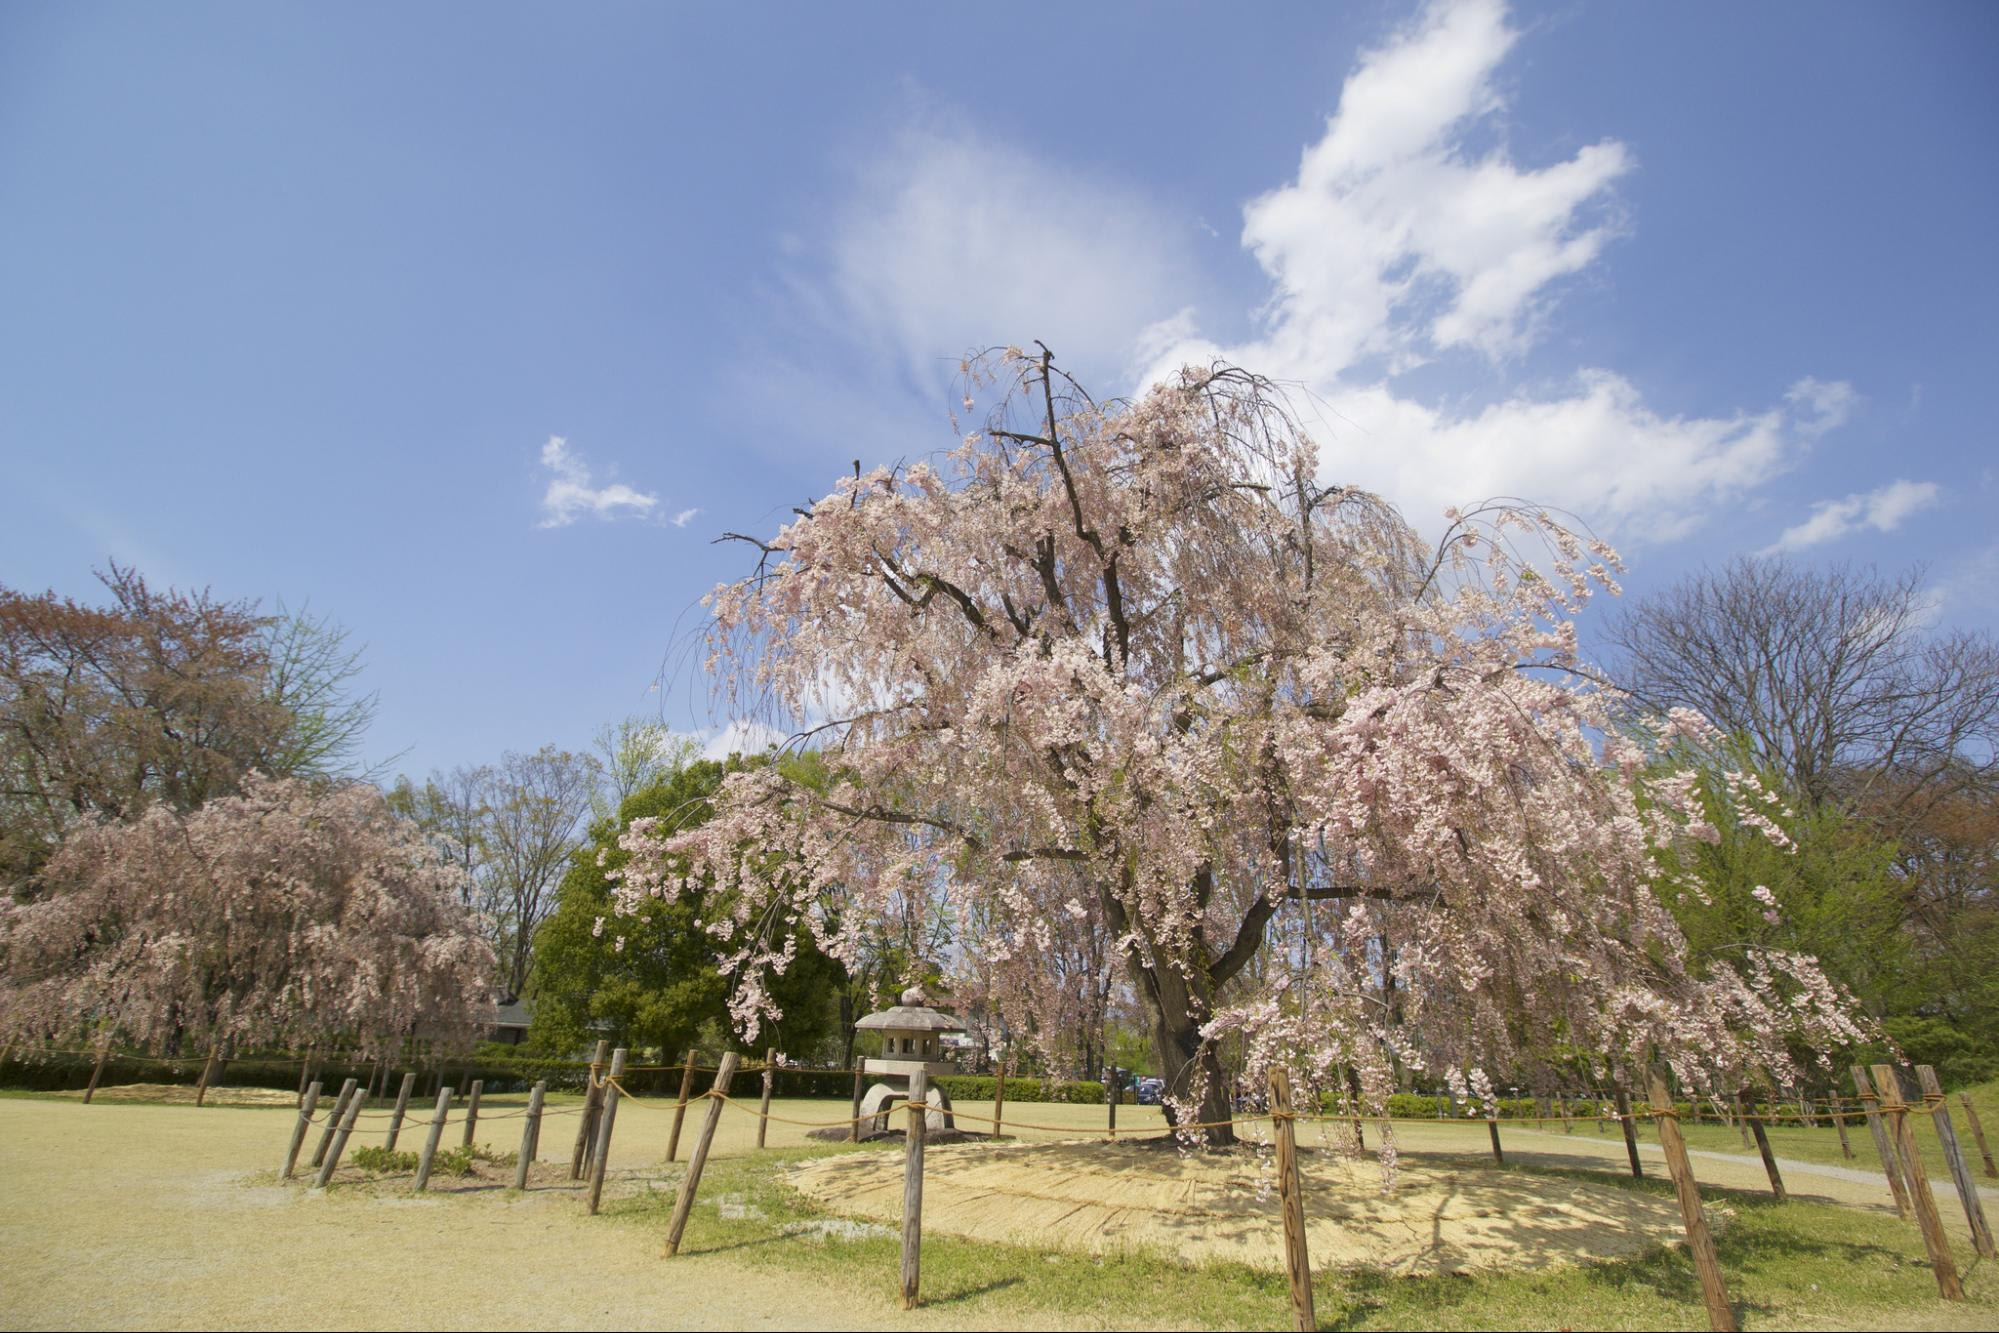 18 địa điểm ngắm hoa anh đào bạn không thể bỏ lỡ mùa xuân này 14